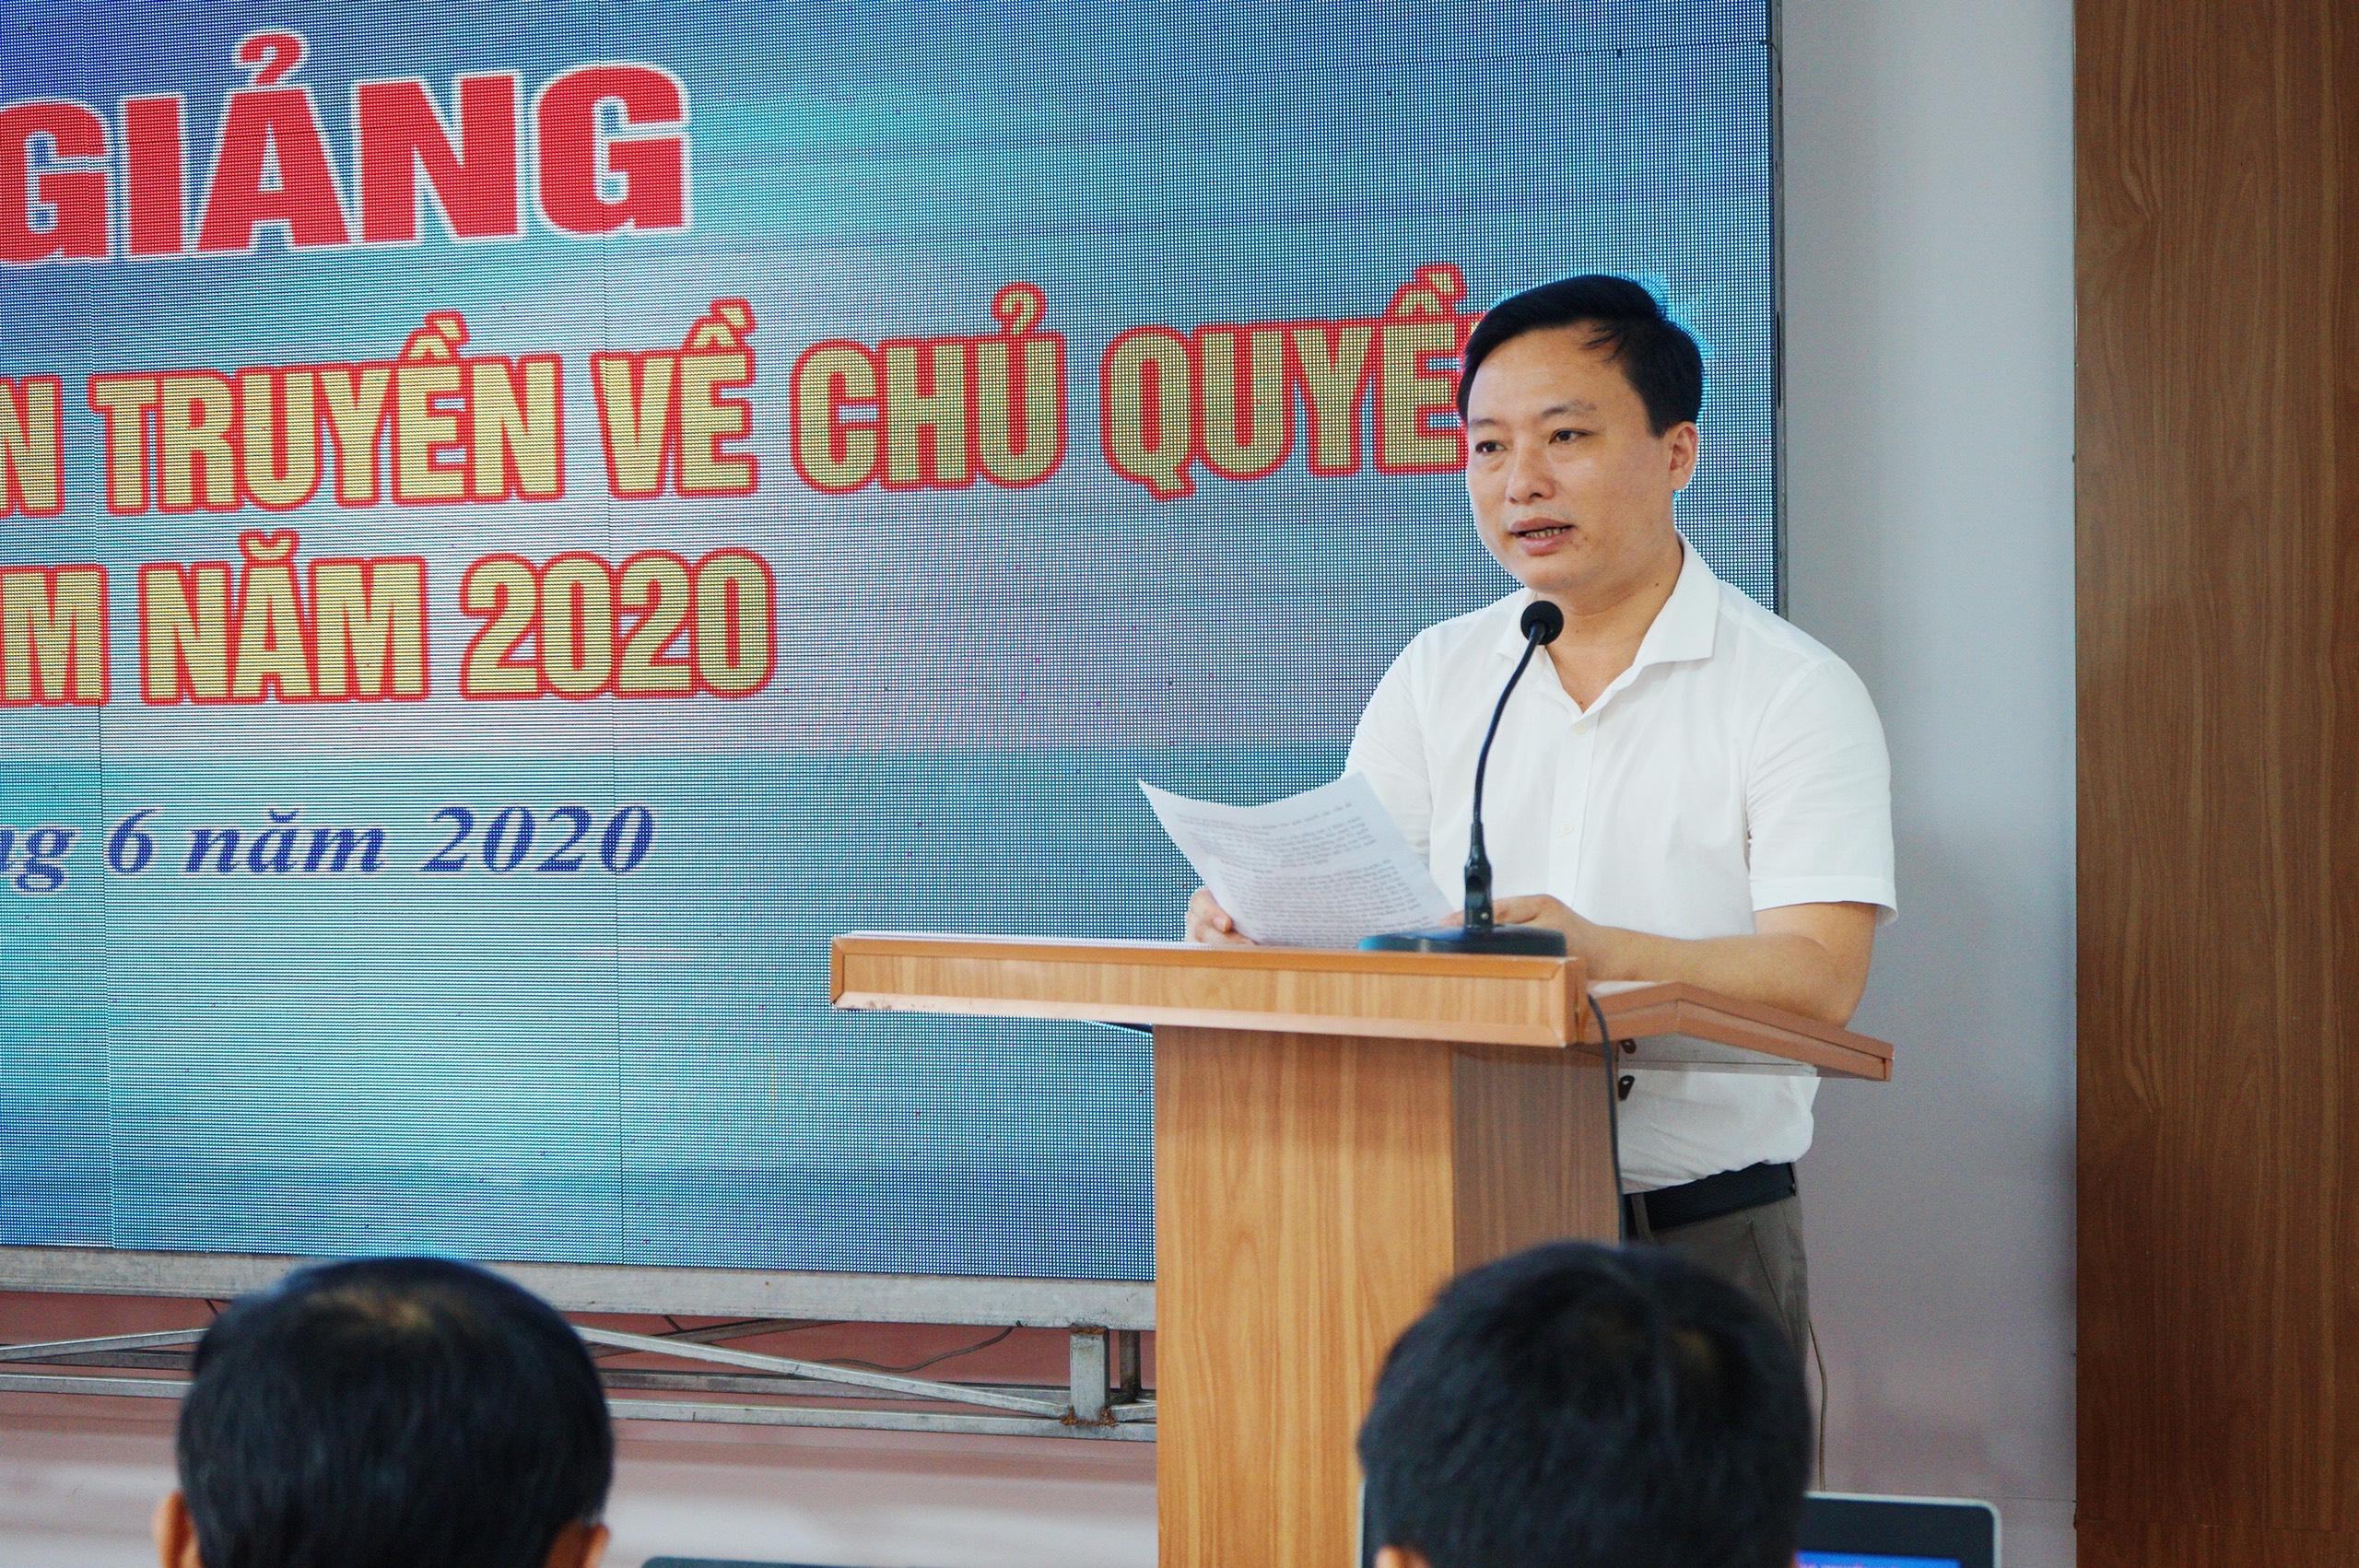 Tập huấn, định hướng tuyên truyền về chủ quyền biển đảo Việt Nam cho cán bộ phụ trách công tác truyền thông trên địa bàn tỉnh